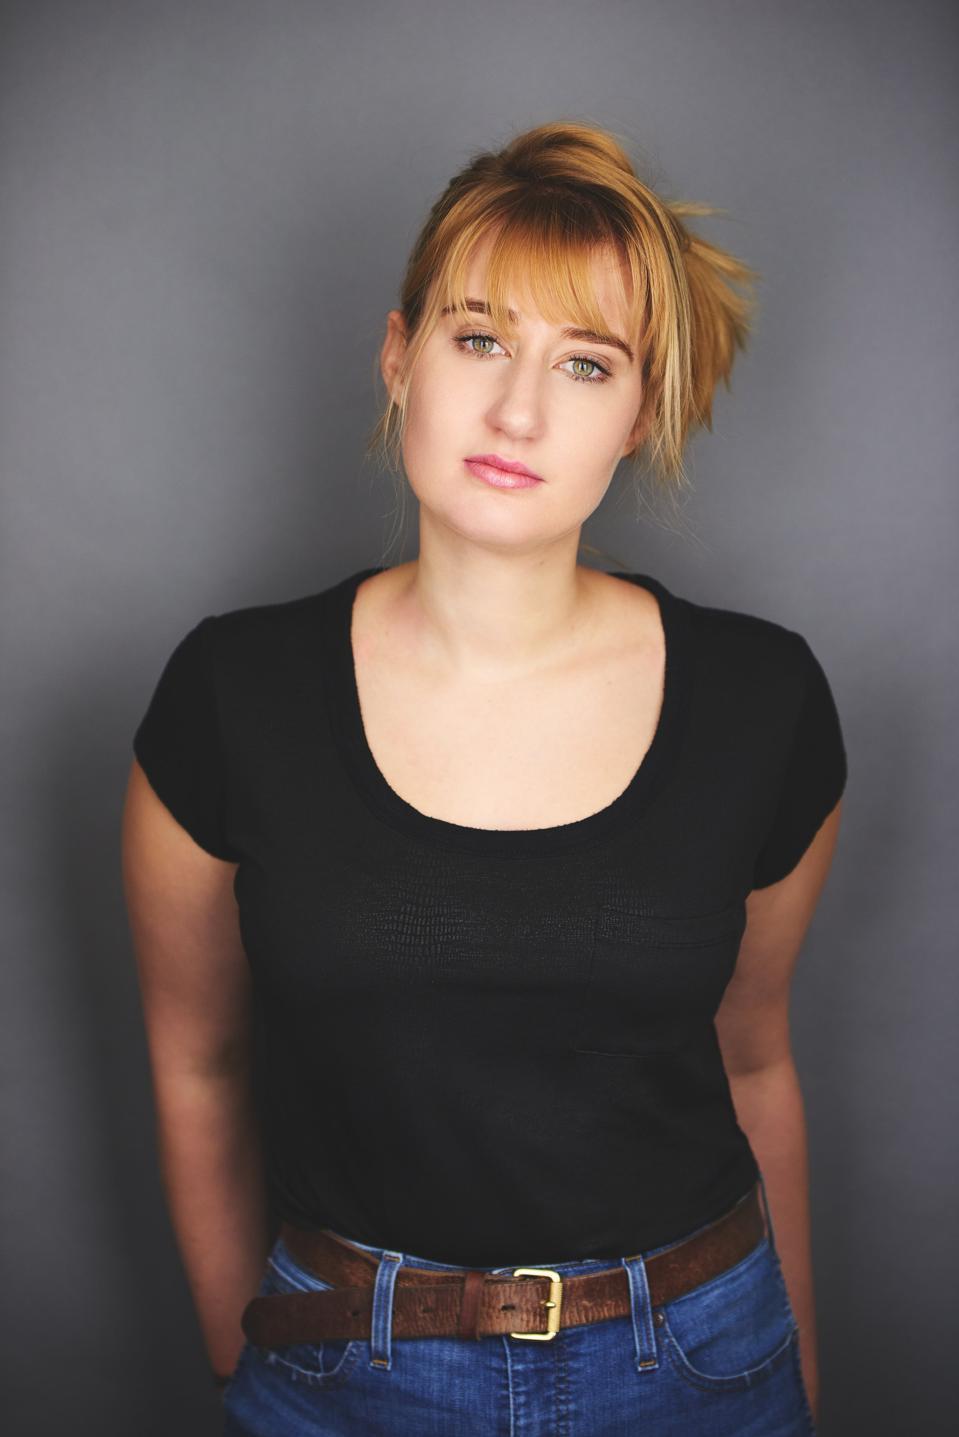 Ginny Hogan